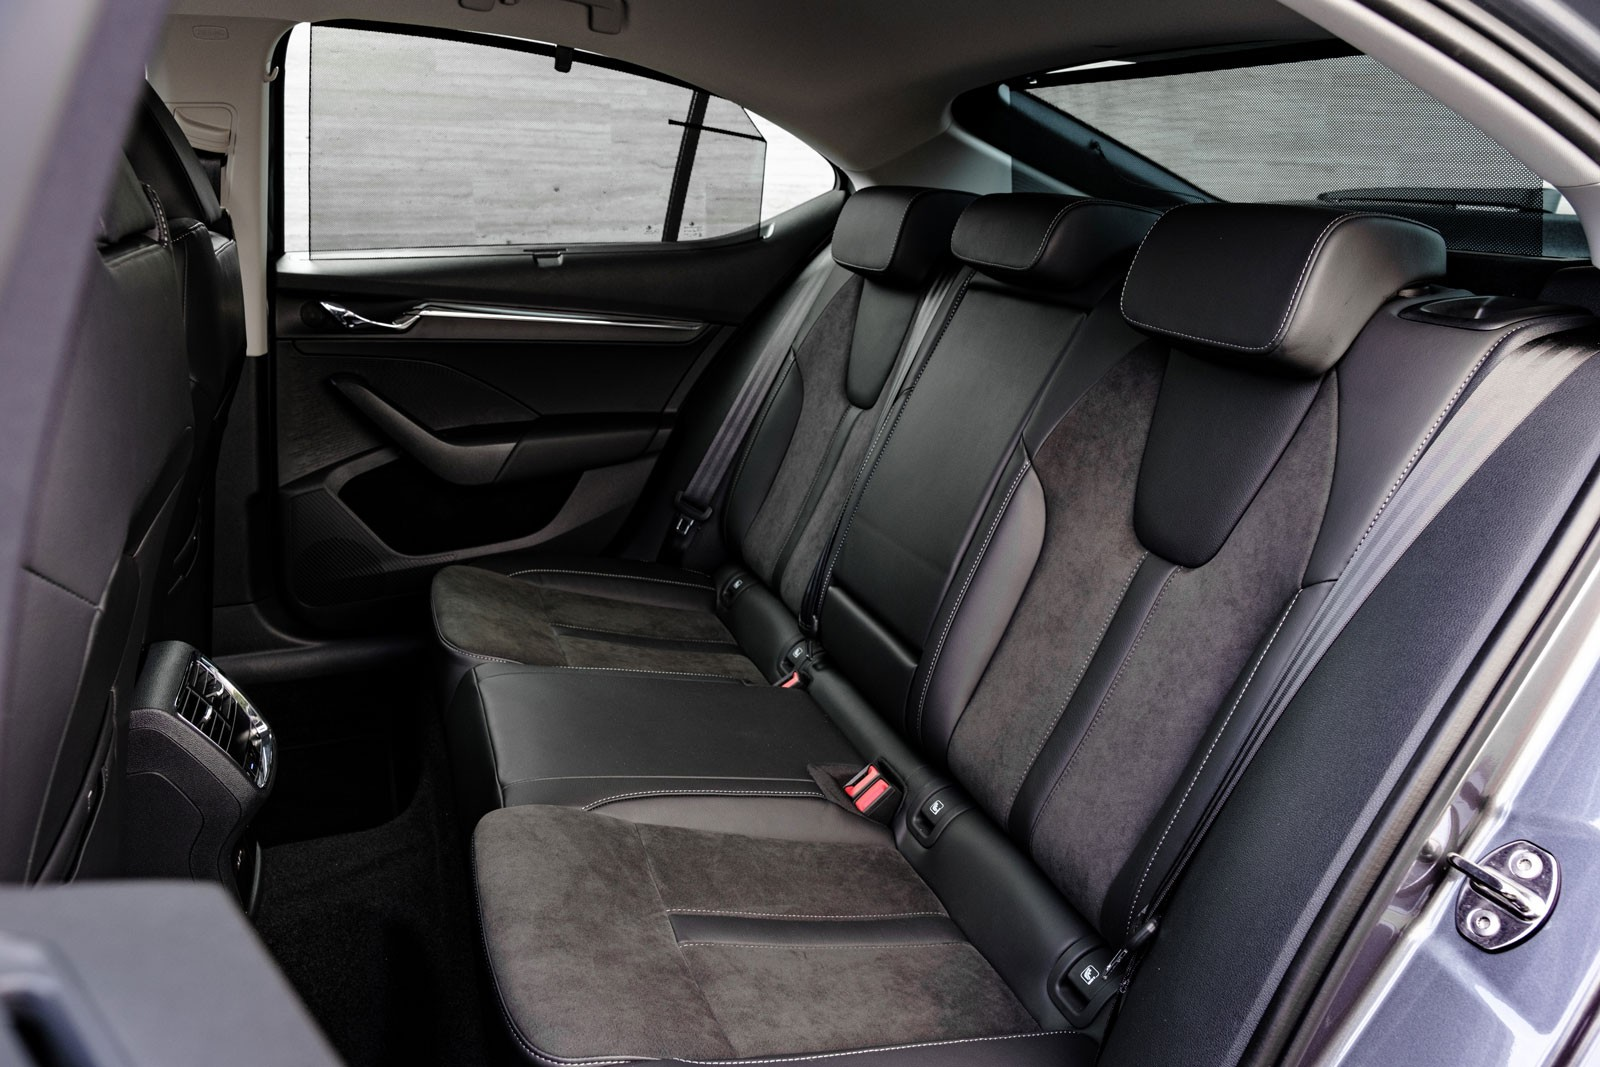 Минус универсал, плюс гидромеханика и не совсем новый кузов: первый тест Skoda Octavia 4